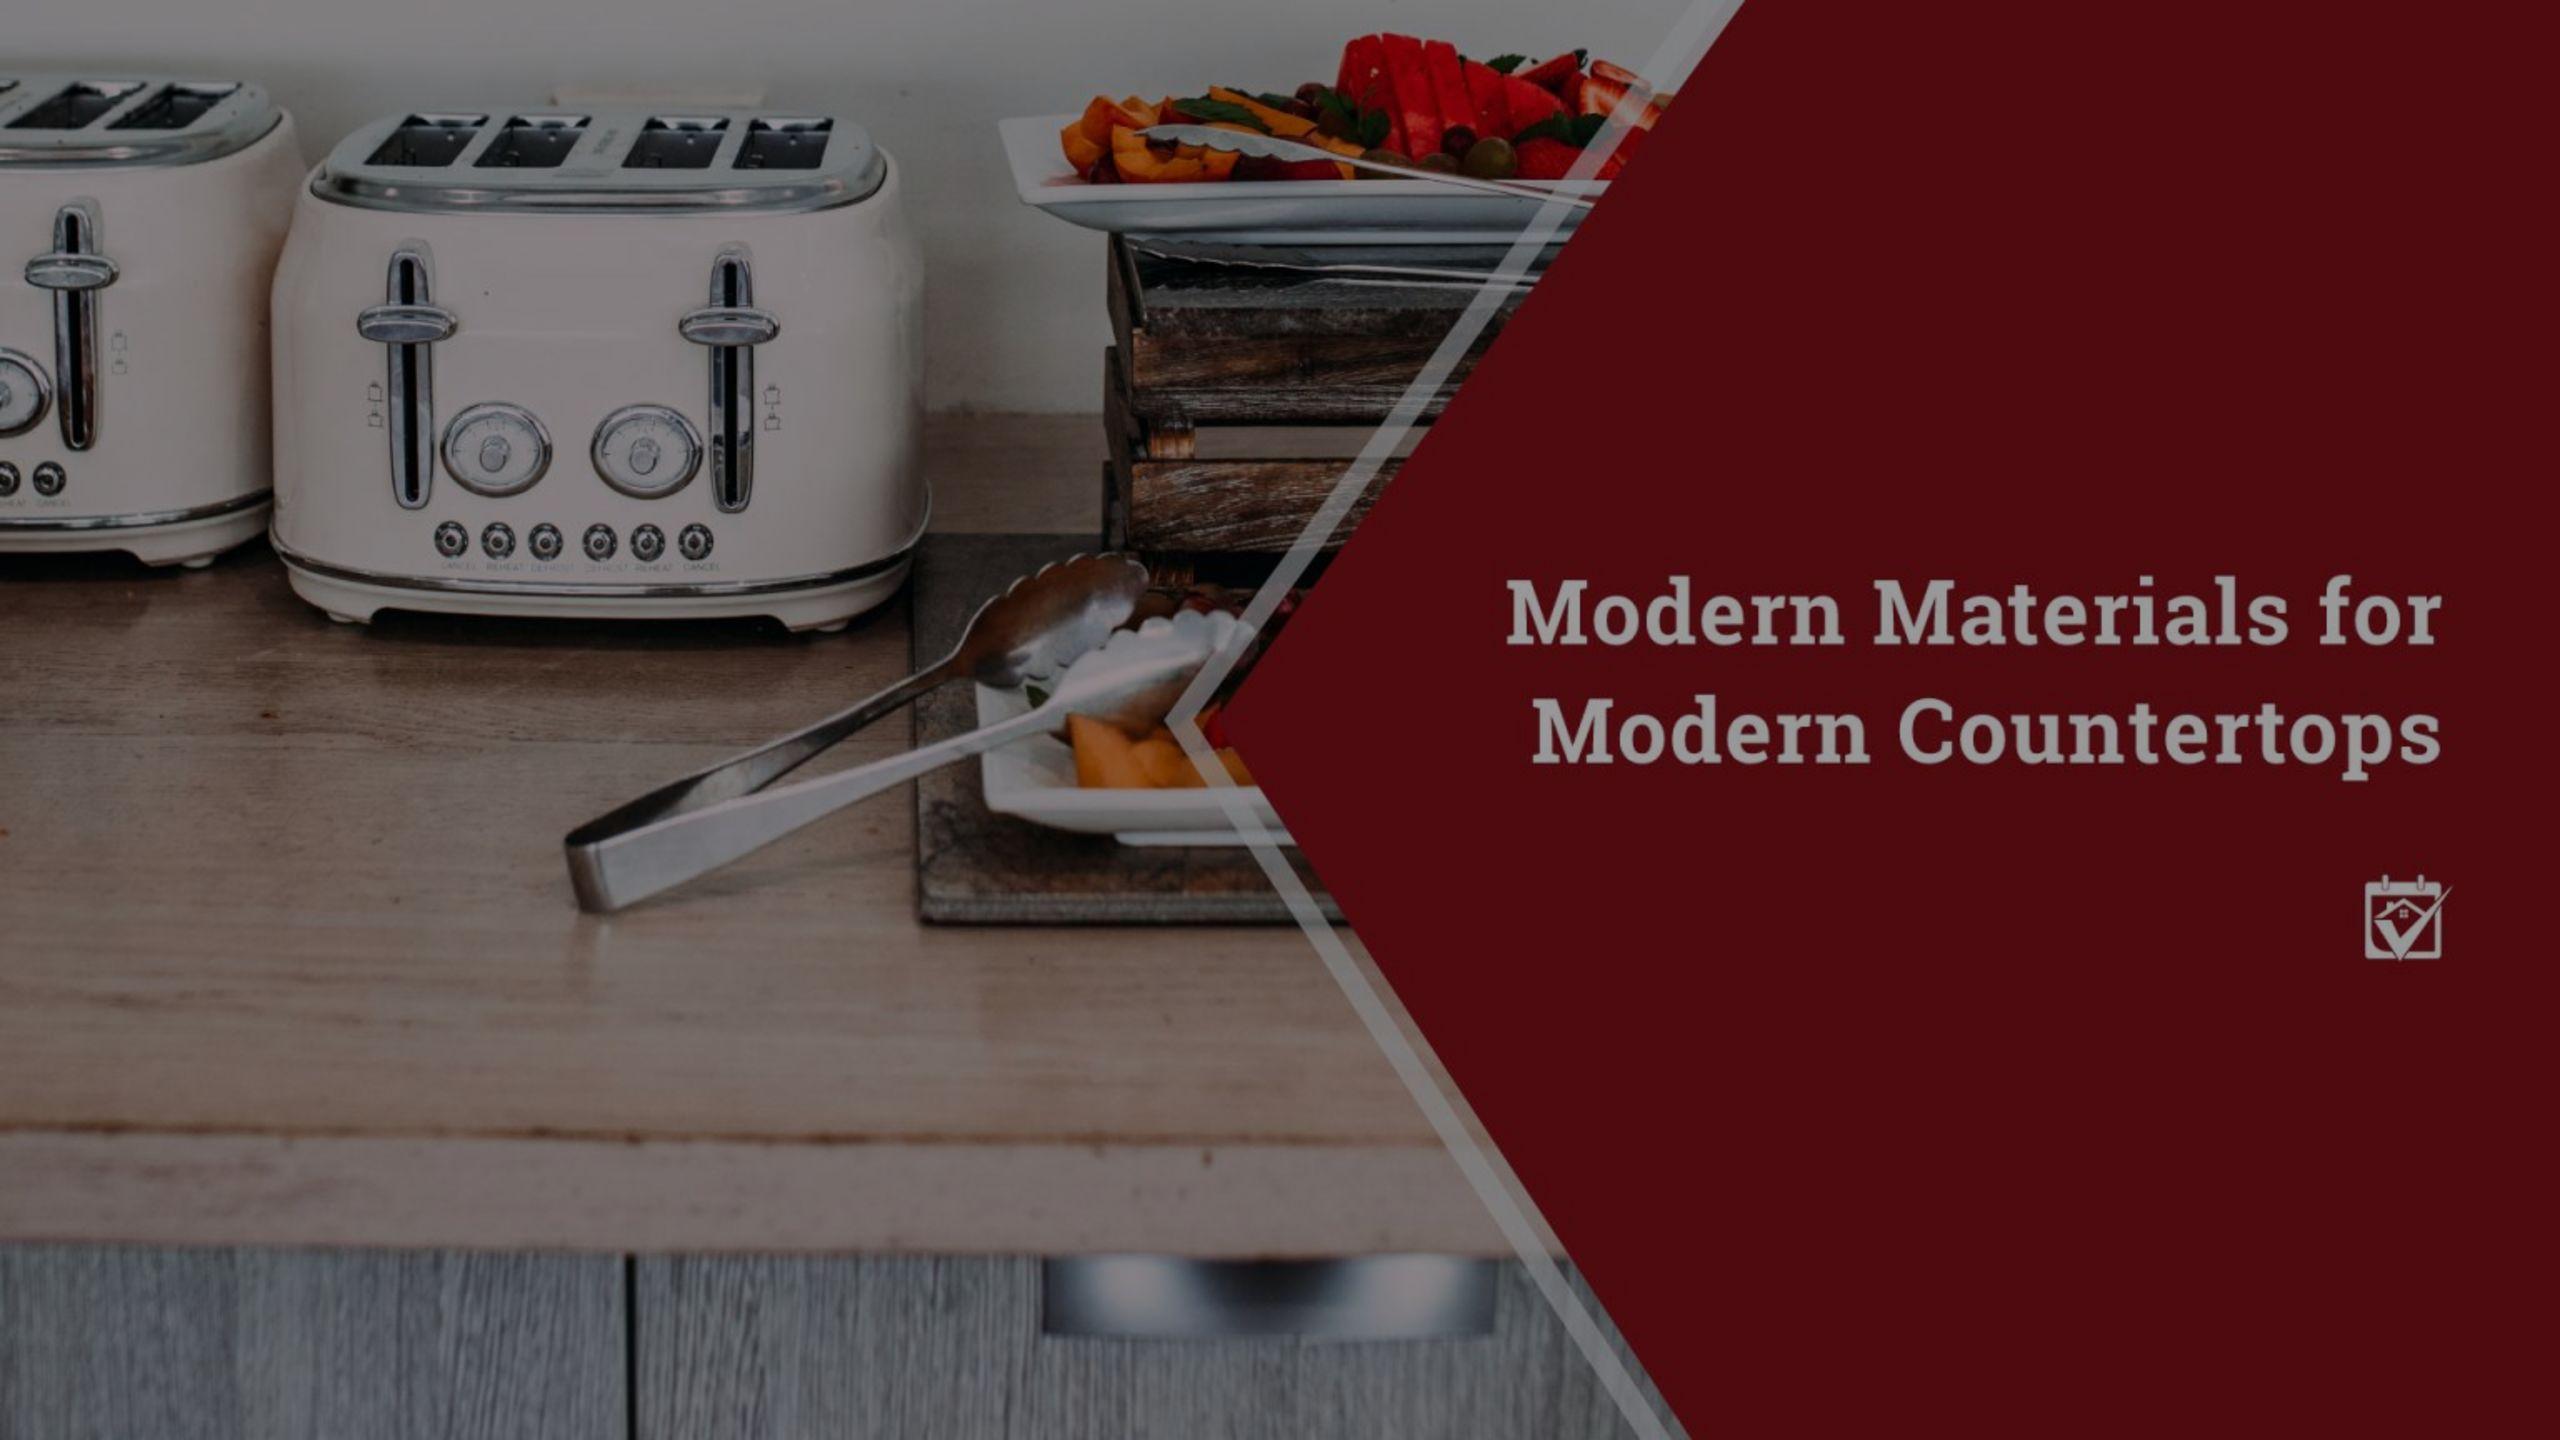 Modern Materials for Modern Countertops